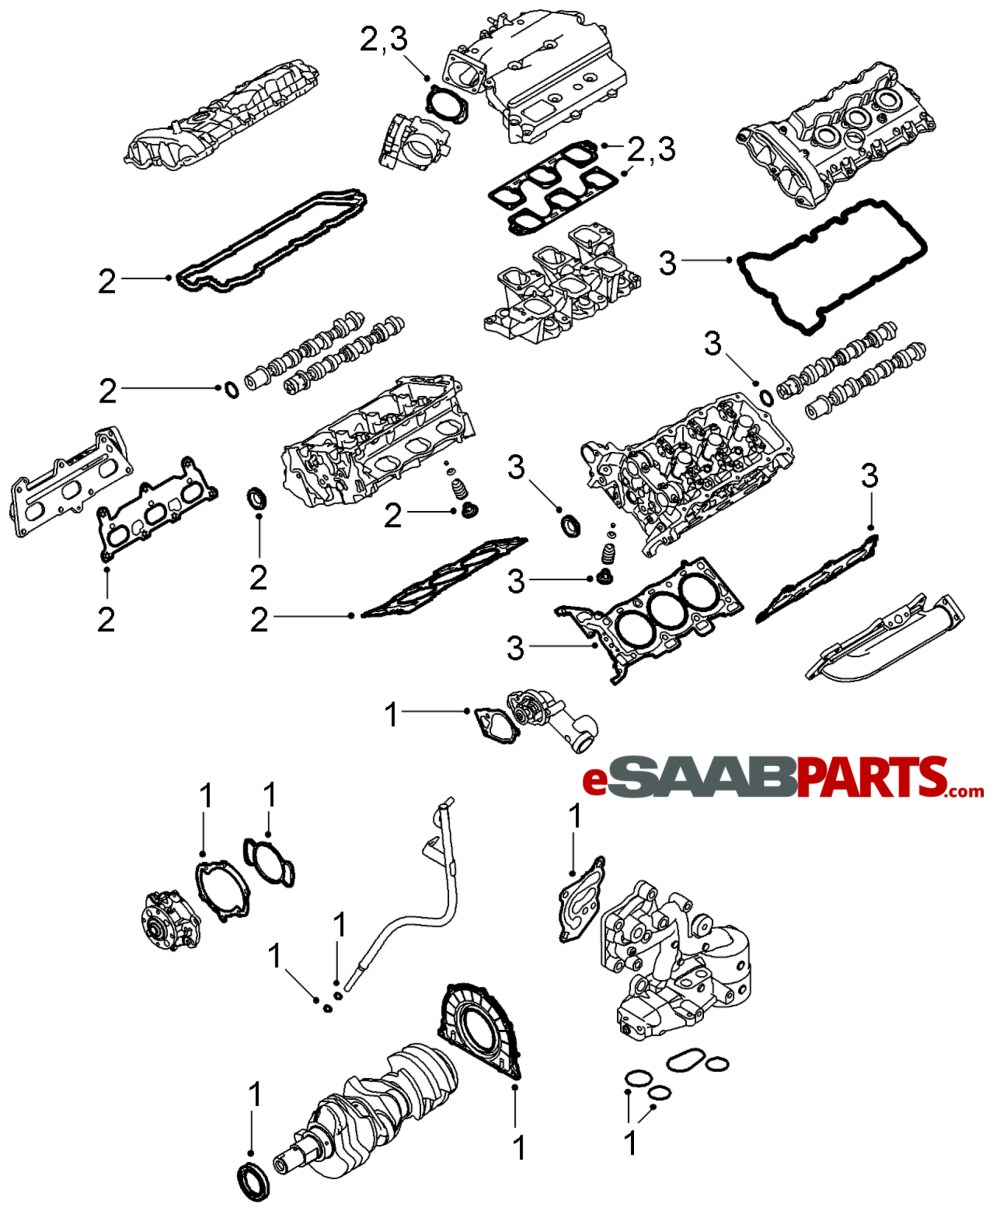 medium resolution of ej253 engine diagram ej205 engine diagram elsavadorla 97 subaru legacy engine diagram 1997 subaru legacy outback